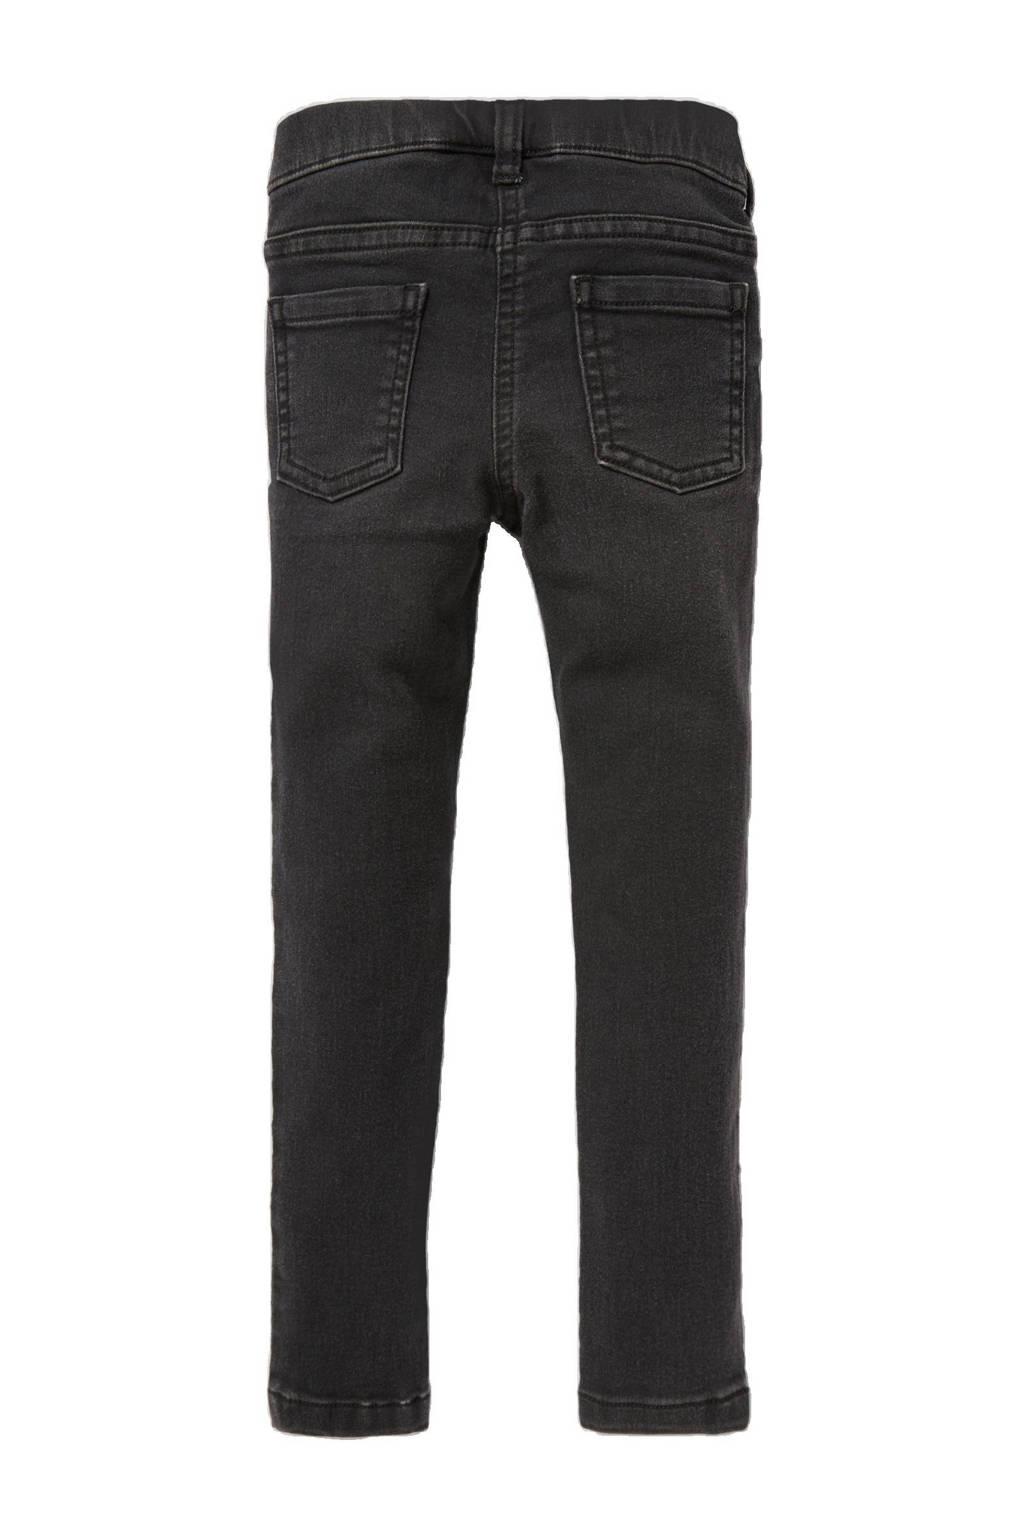 C&A slim fit jeans zwart, Zwart